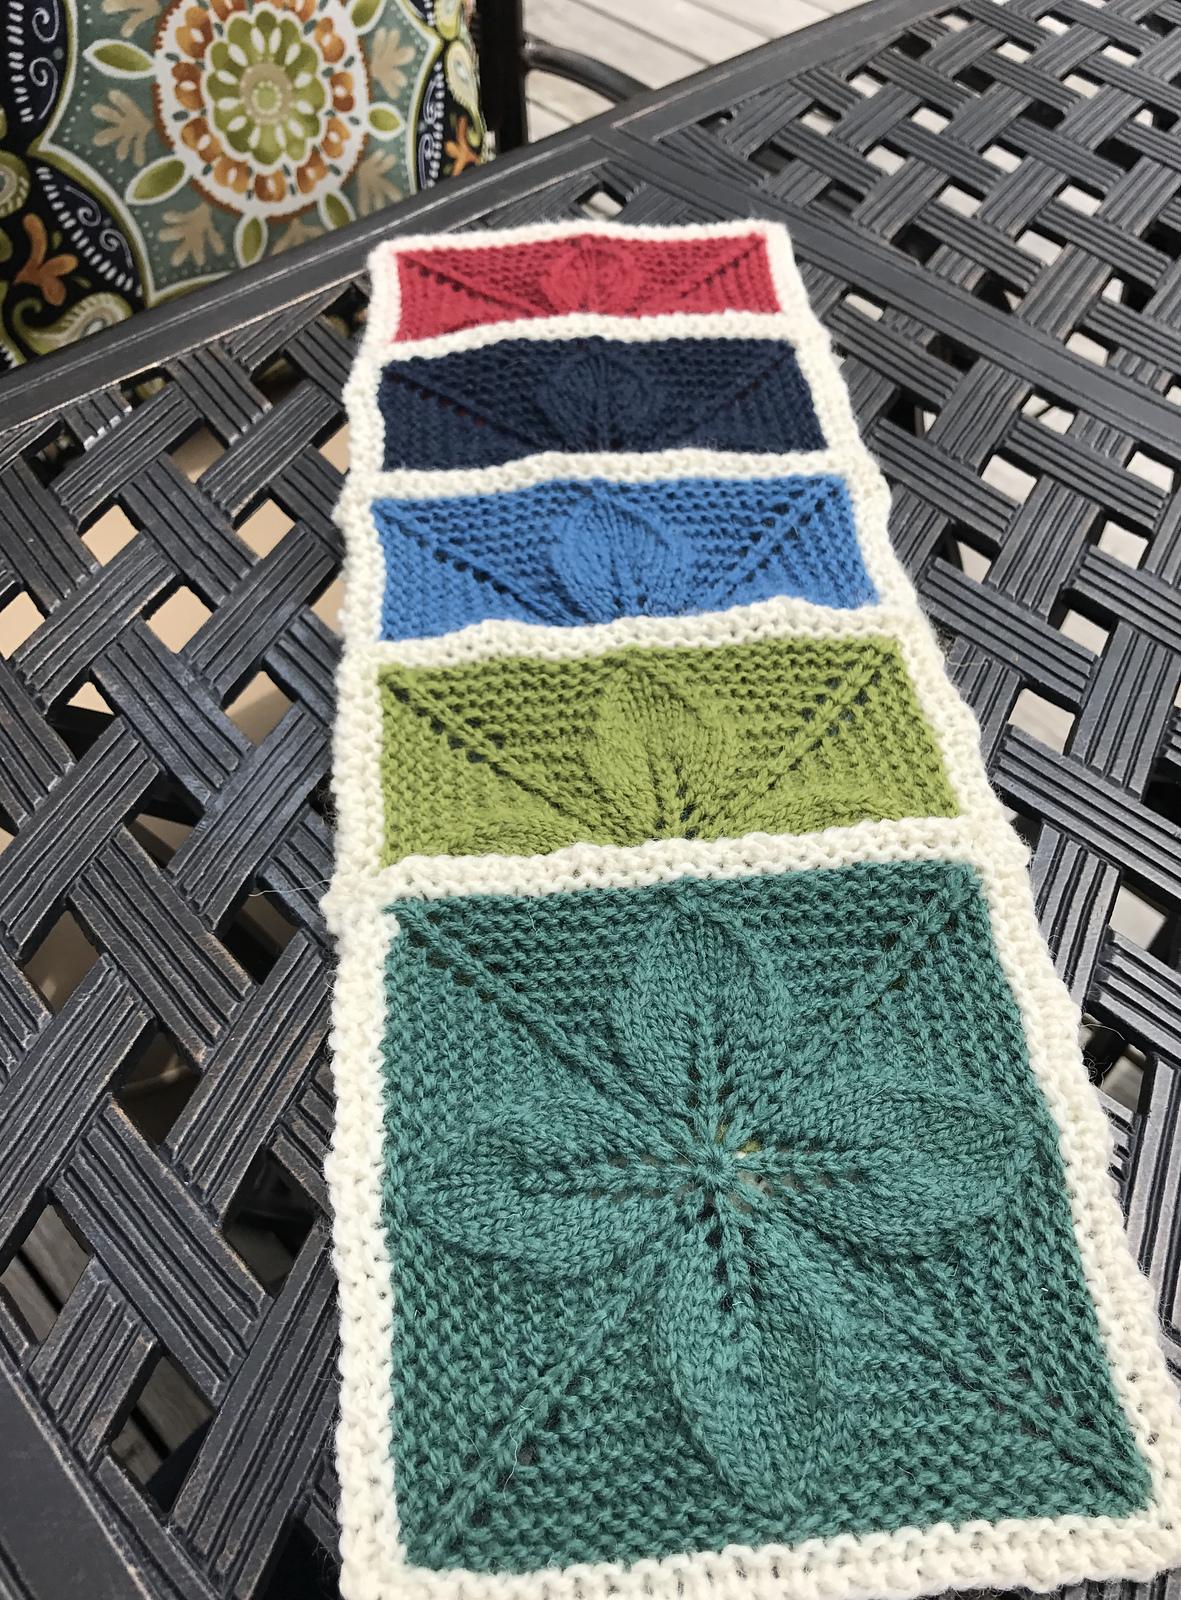 Leigh's (Leila) Birlinn Blanket in progress